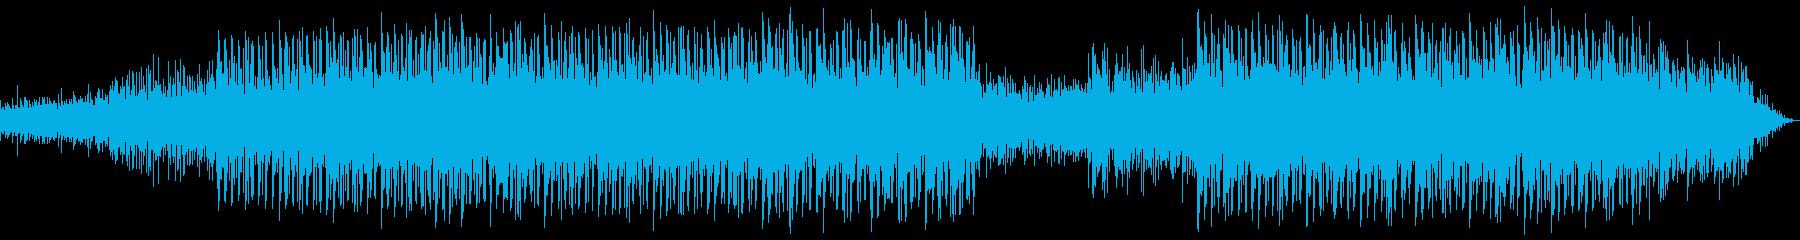 モダン テクノ コーポレート 励ま...の再生済みの波形